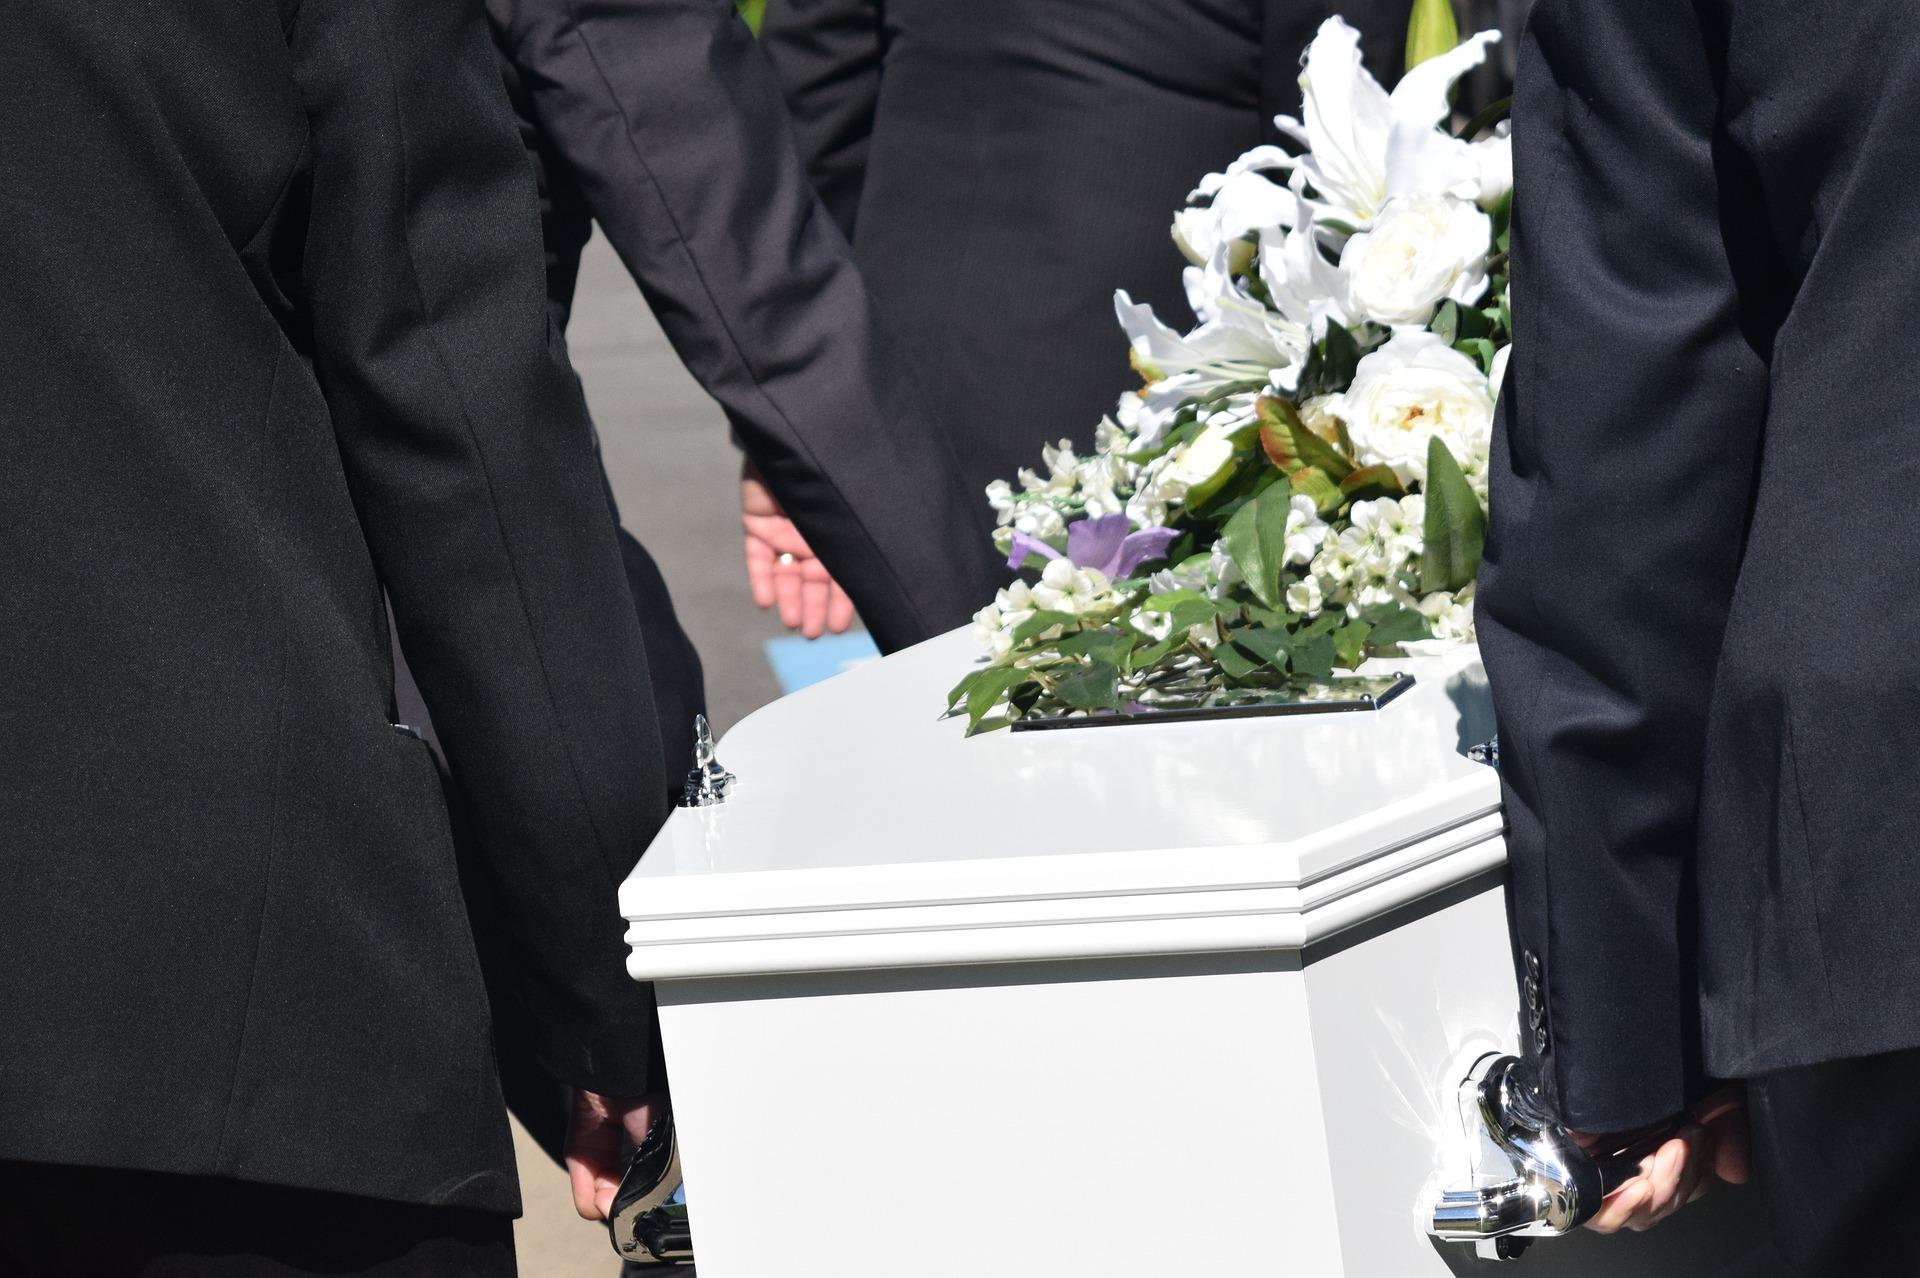 Înmormântări în pandemia de coronavirus? Restricții principale 1